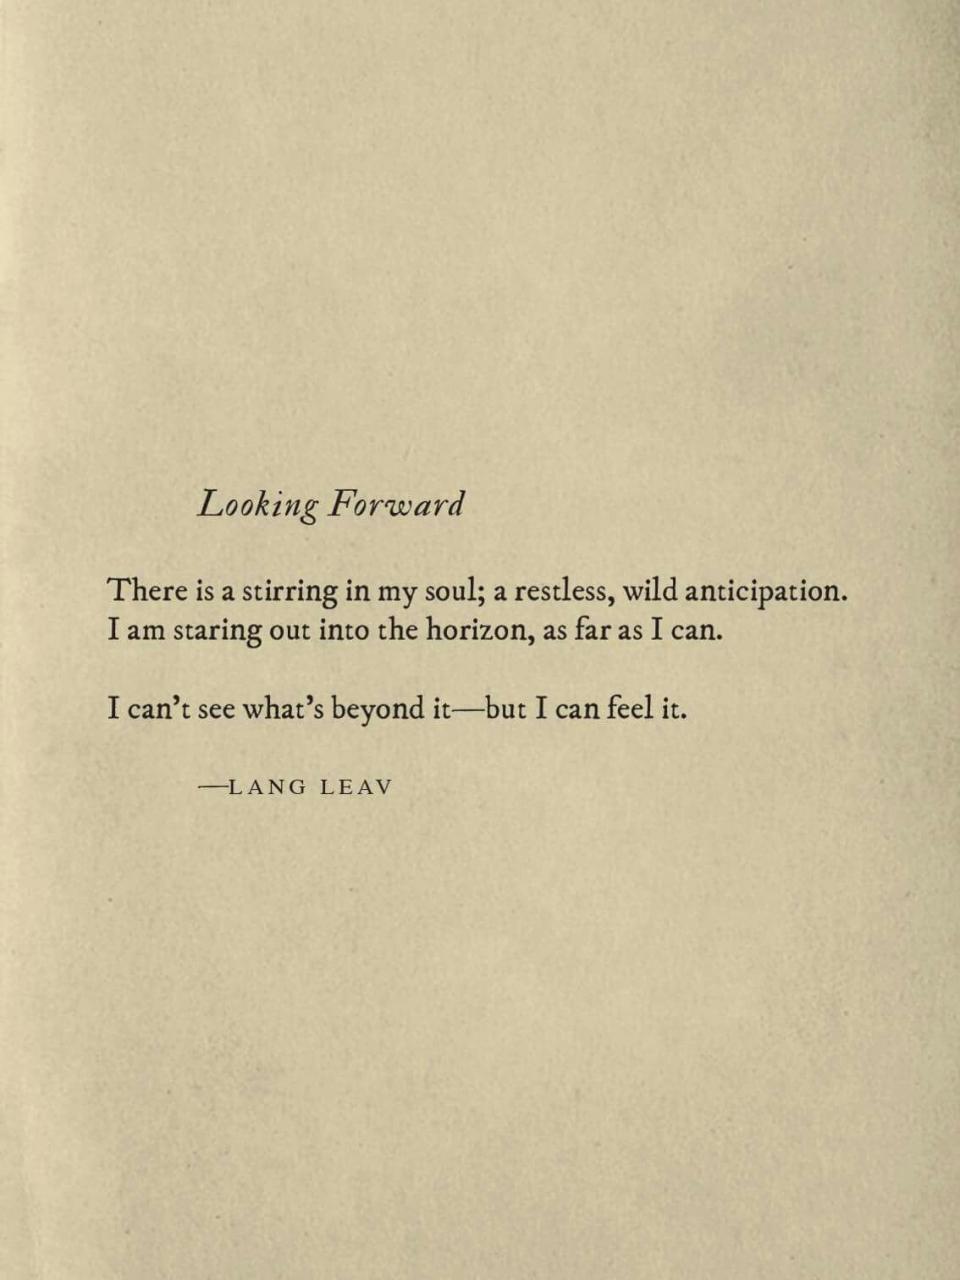 Looking Forward Langleav